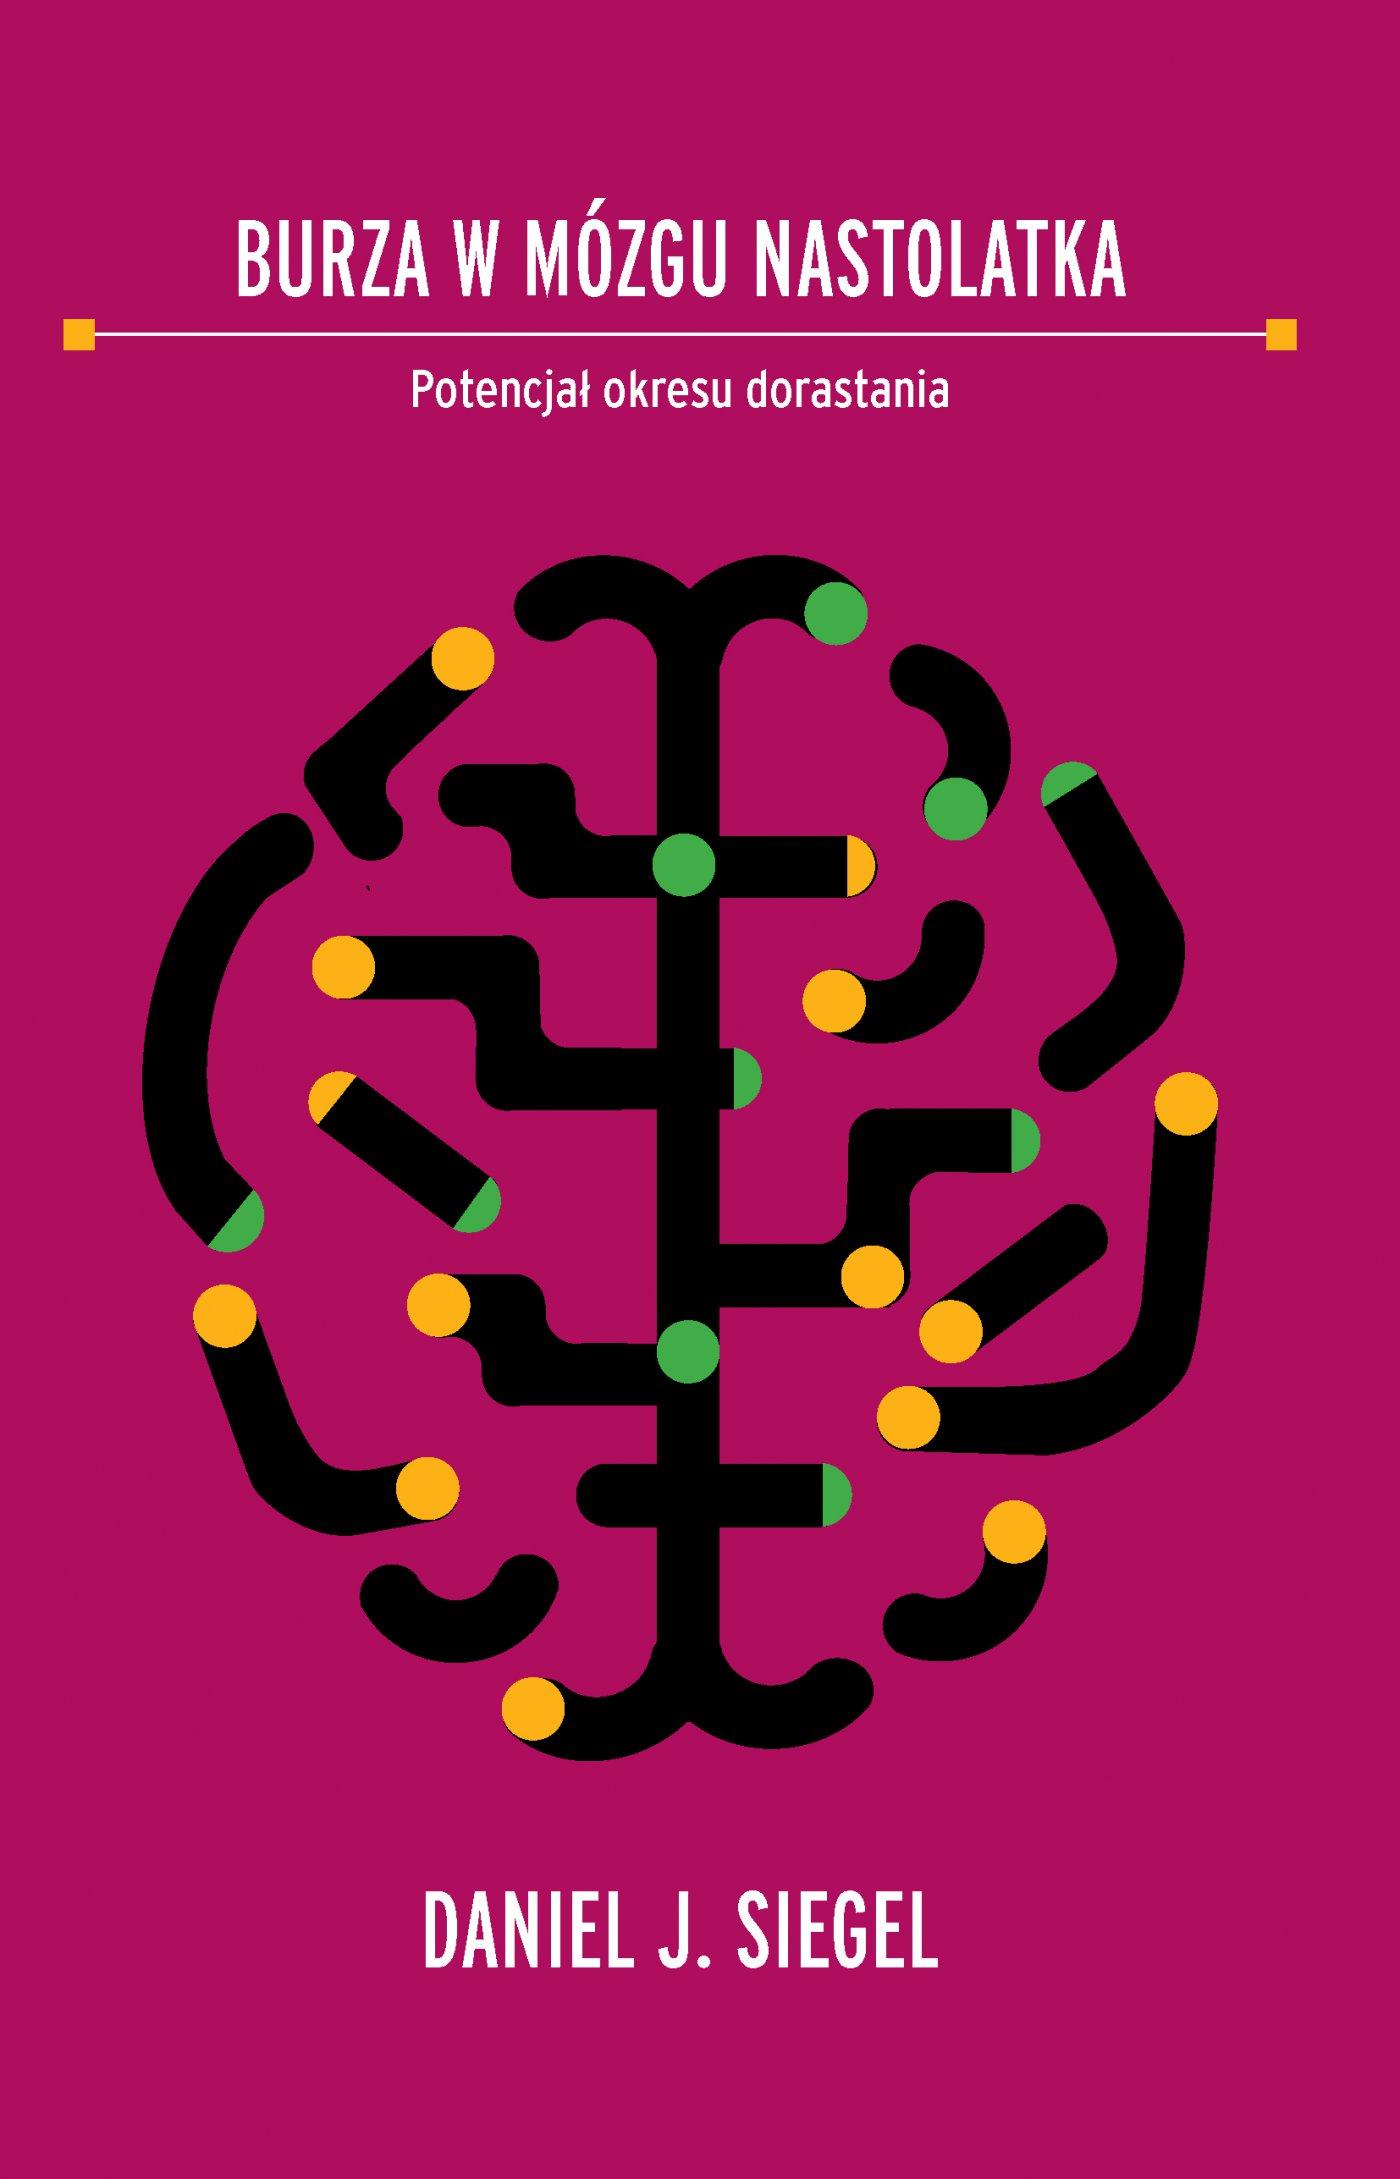 Burza w mózgu nastolatka. Potencjał okresu dorastania - Ebook (Książka PDF) do pobrania w formacie PDF